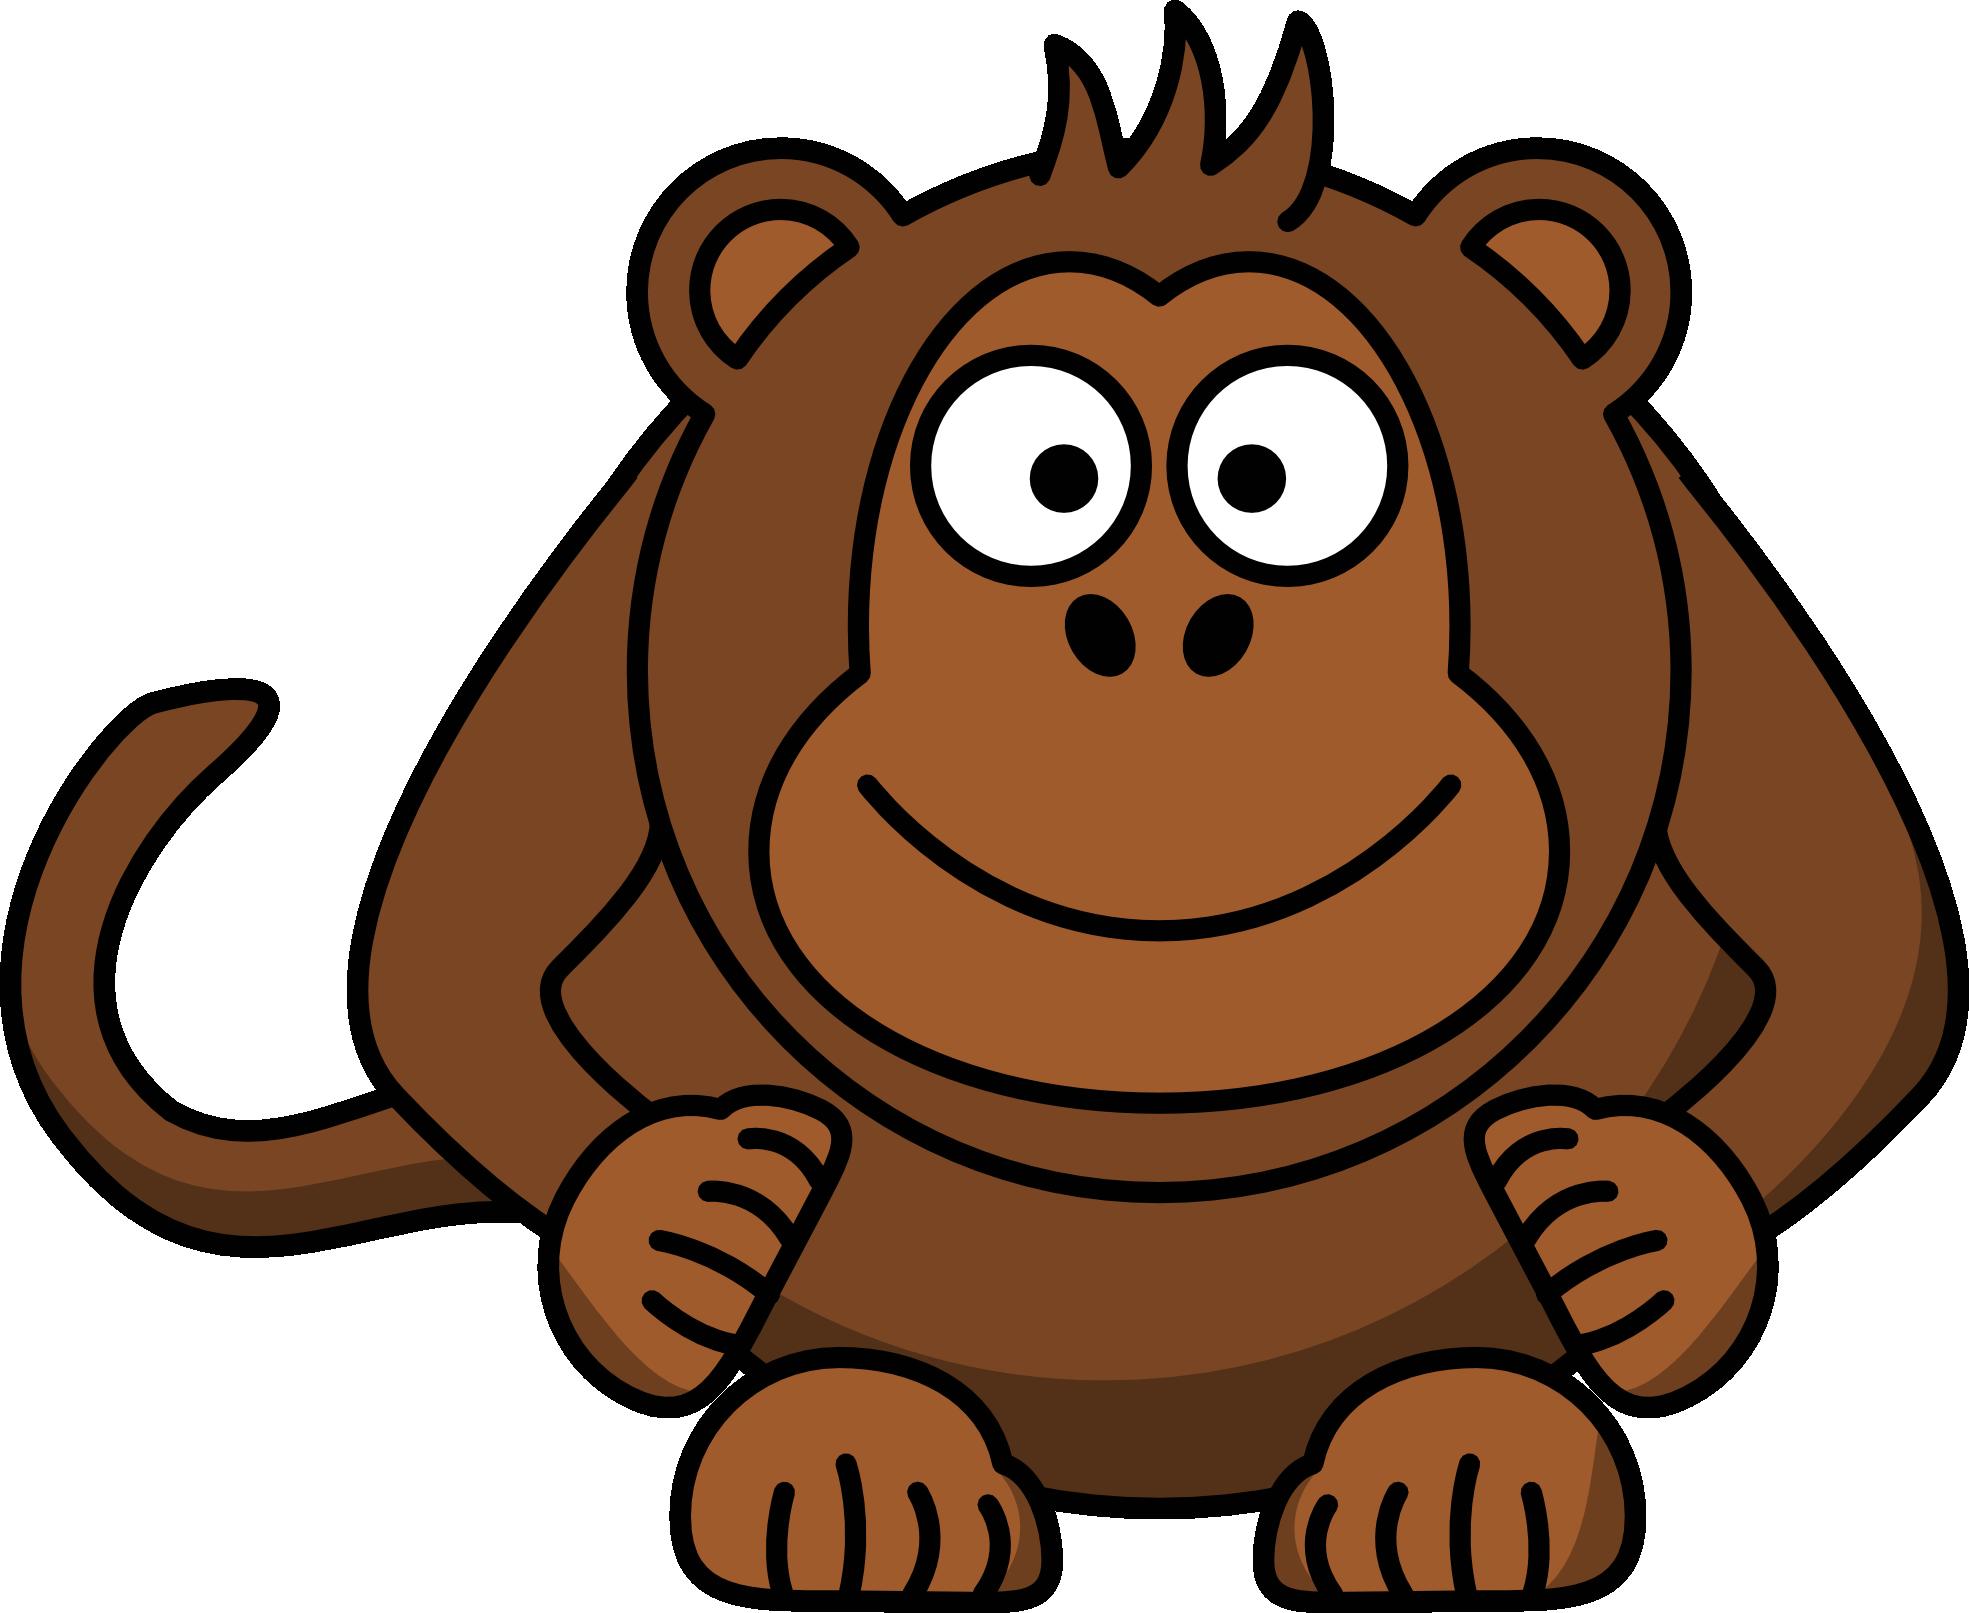 monkey cartoon clipart panda free clipart images yak clipart images yak clip art black and white